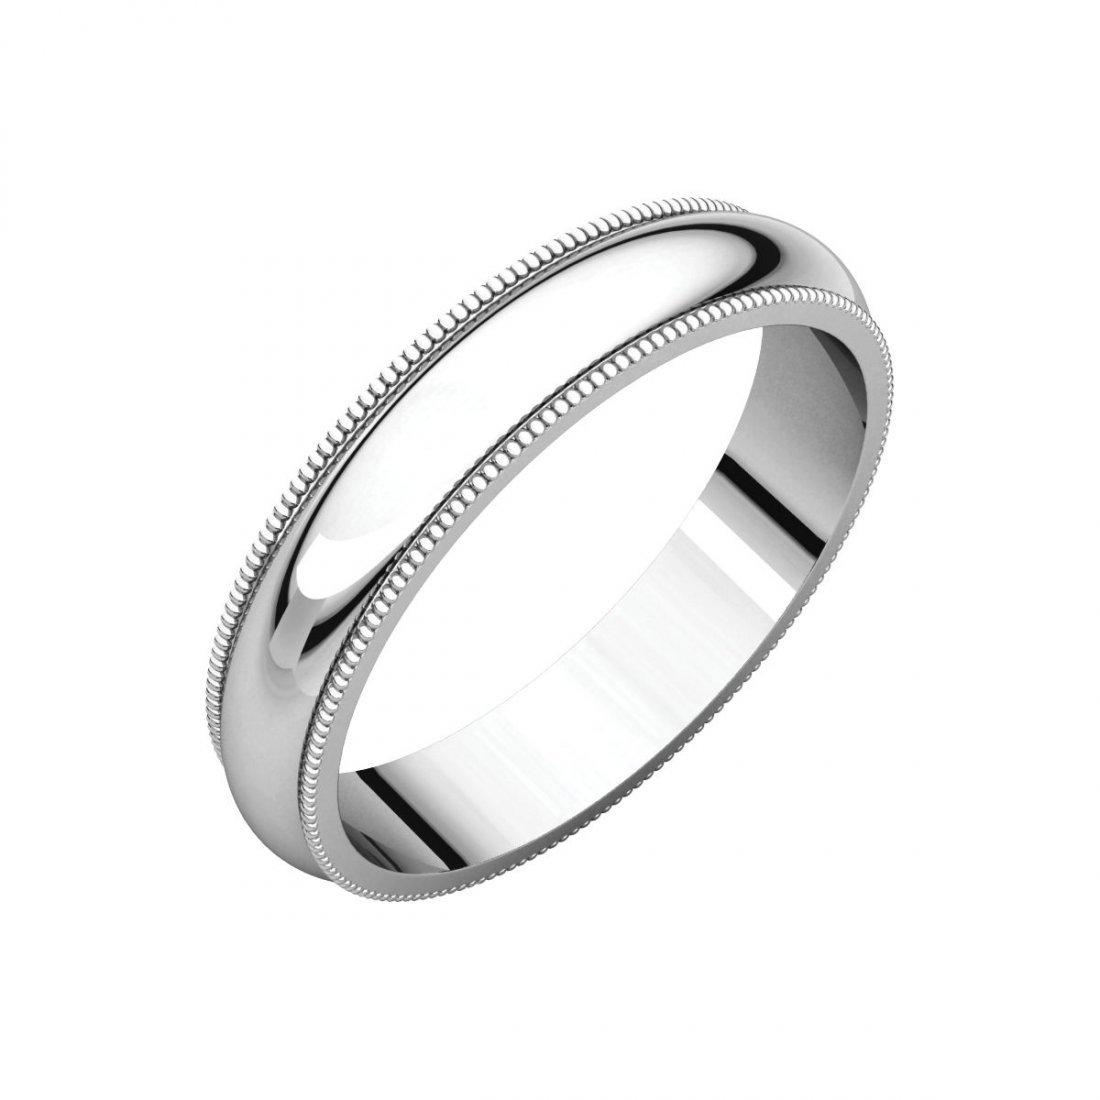 Ring - 14k White Gold 4mm Milgrain Band